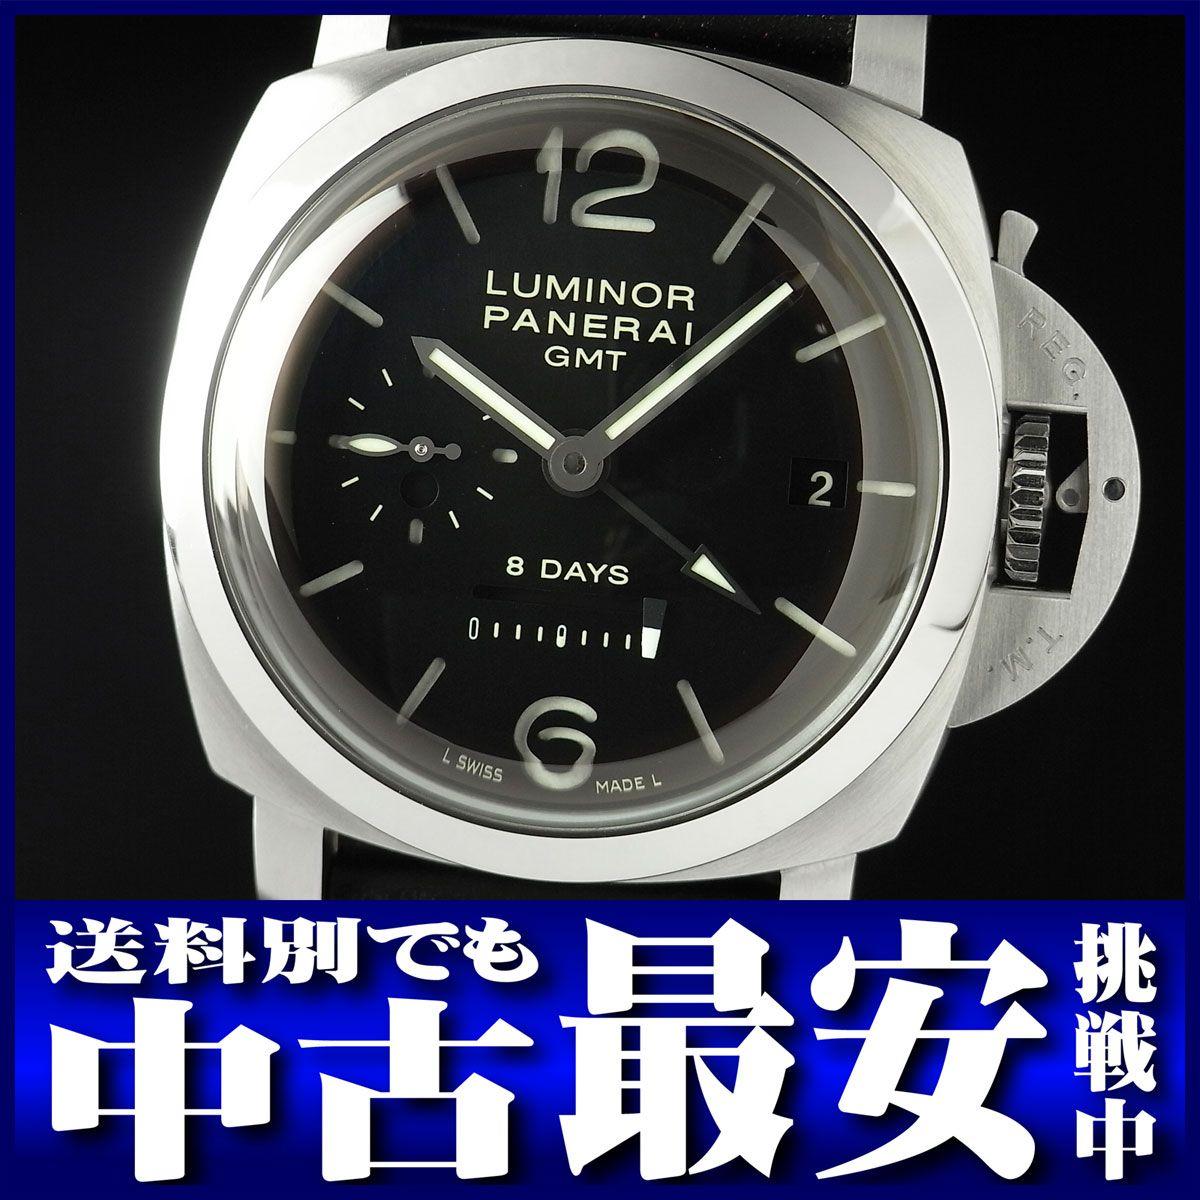 パネライ『ルミノール1950 8デイズ GMT』PAM00233 メンズ J品番'07年製 SS/革 6ヶ月保証【高画質】【中古】b05w/10k/h12AB【楽天市場】